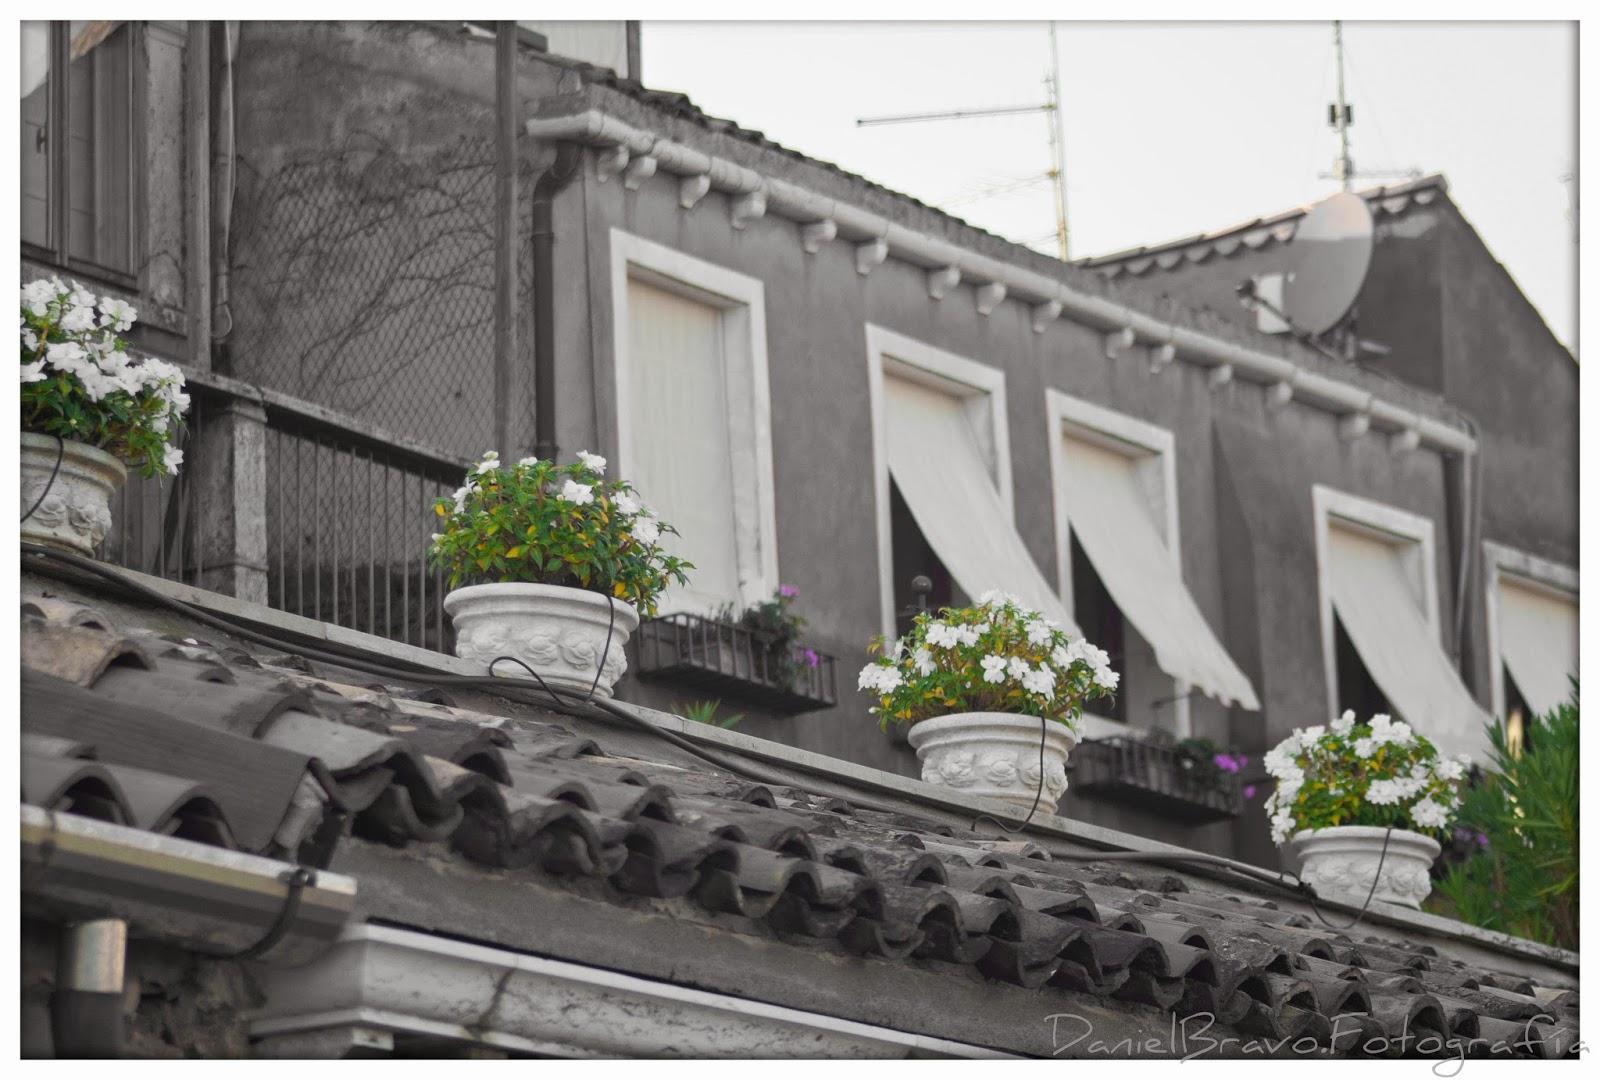 Venecia, Venezia, edificio en blanco y negro con flores en color.